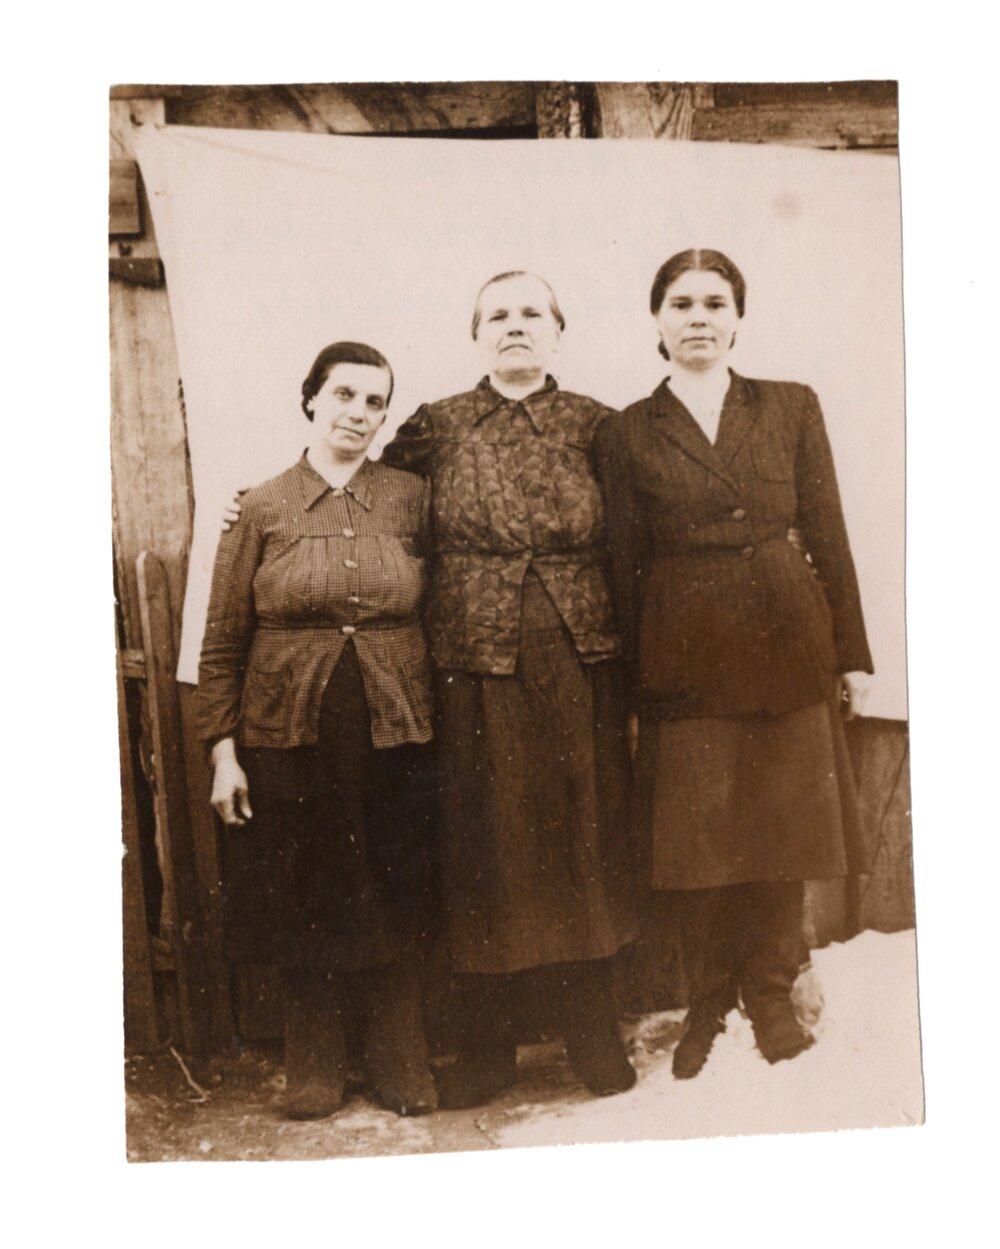 У центрі ― Катерина Слупська, ліворуч ― Іванна Кісь (сусідка), праворуч ― Текля Швидків (жінка, яка проводила християнські обряди замість священика), поселення Алгач, 1955. Джерело: Меморіальний музей «Територія Терору»